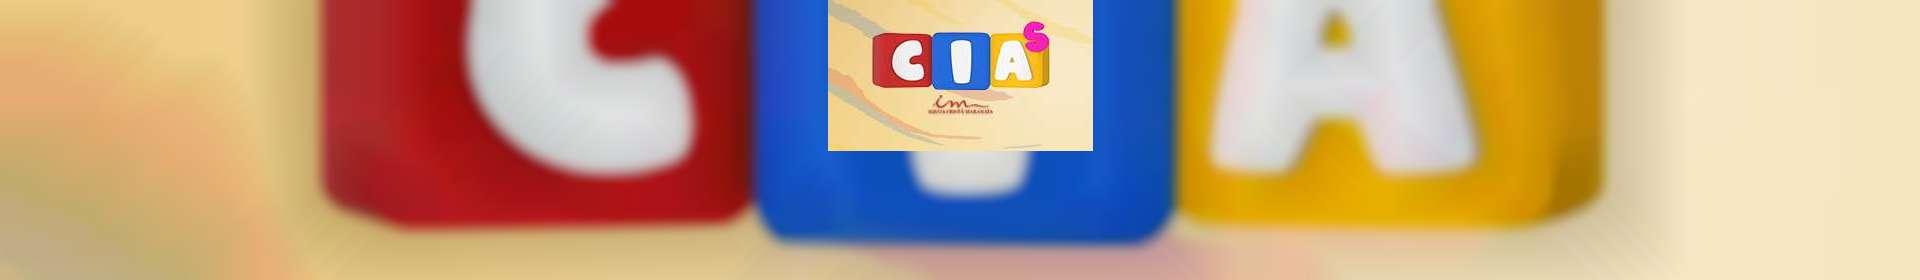 Aula de CIAS: classe de 11 a 15 anos - 16 de julho de 2020